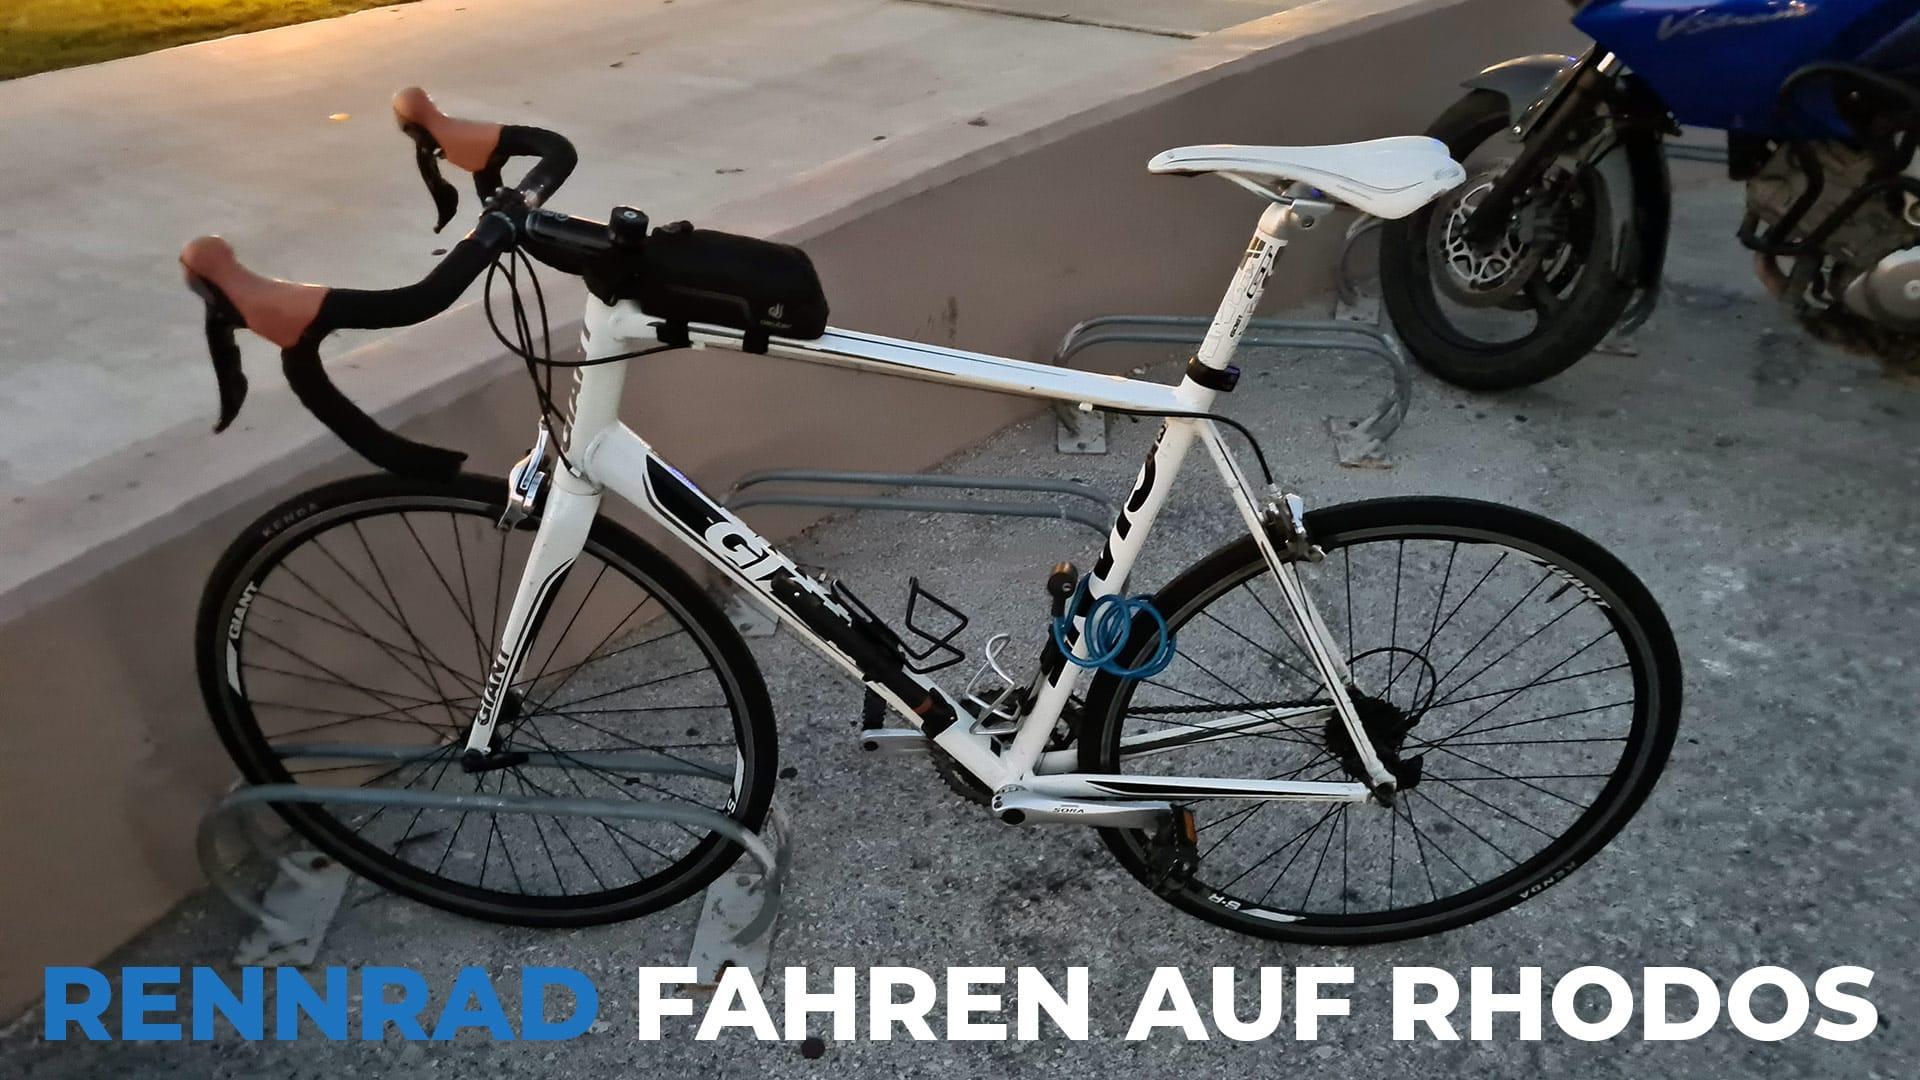 Rennrad fahren auf Rhodos